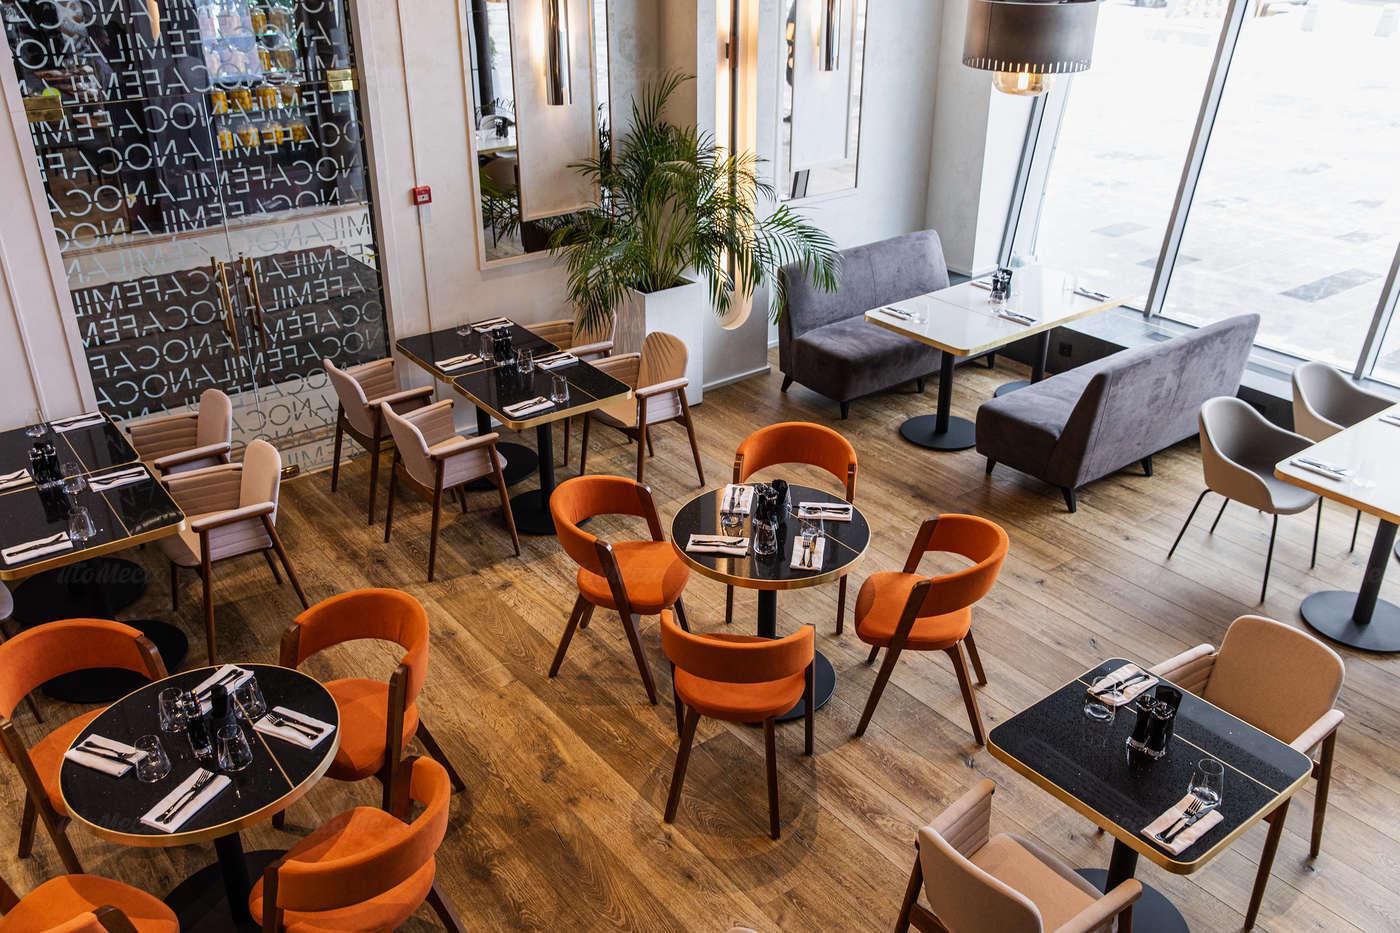 Ресторан Cafe Milano (Милано) на Новом Арбате